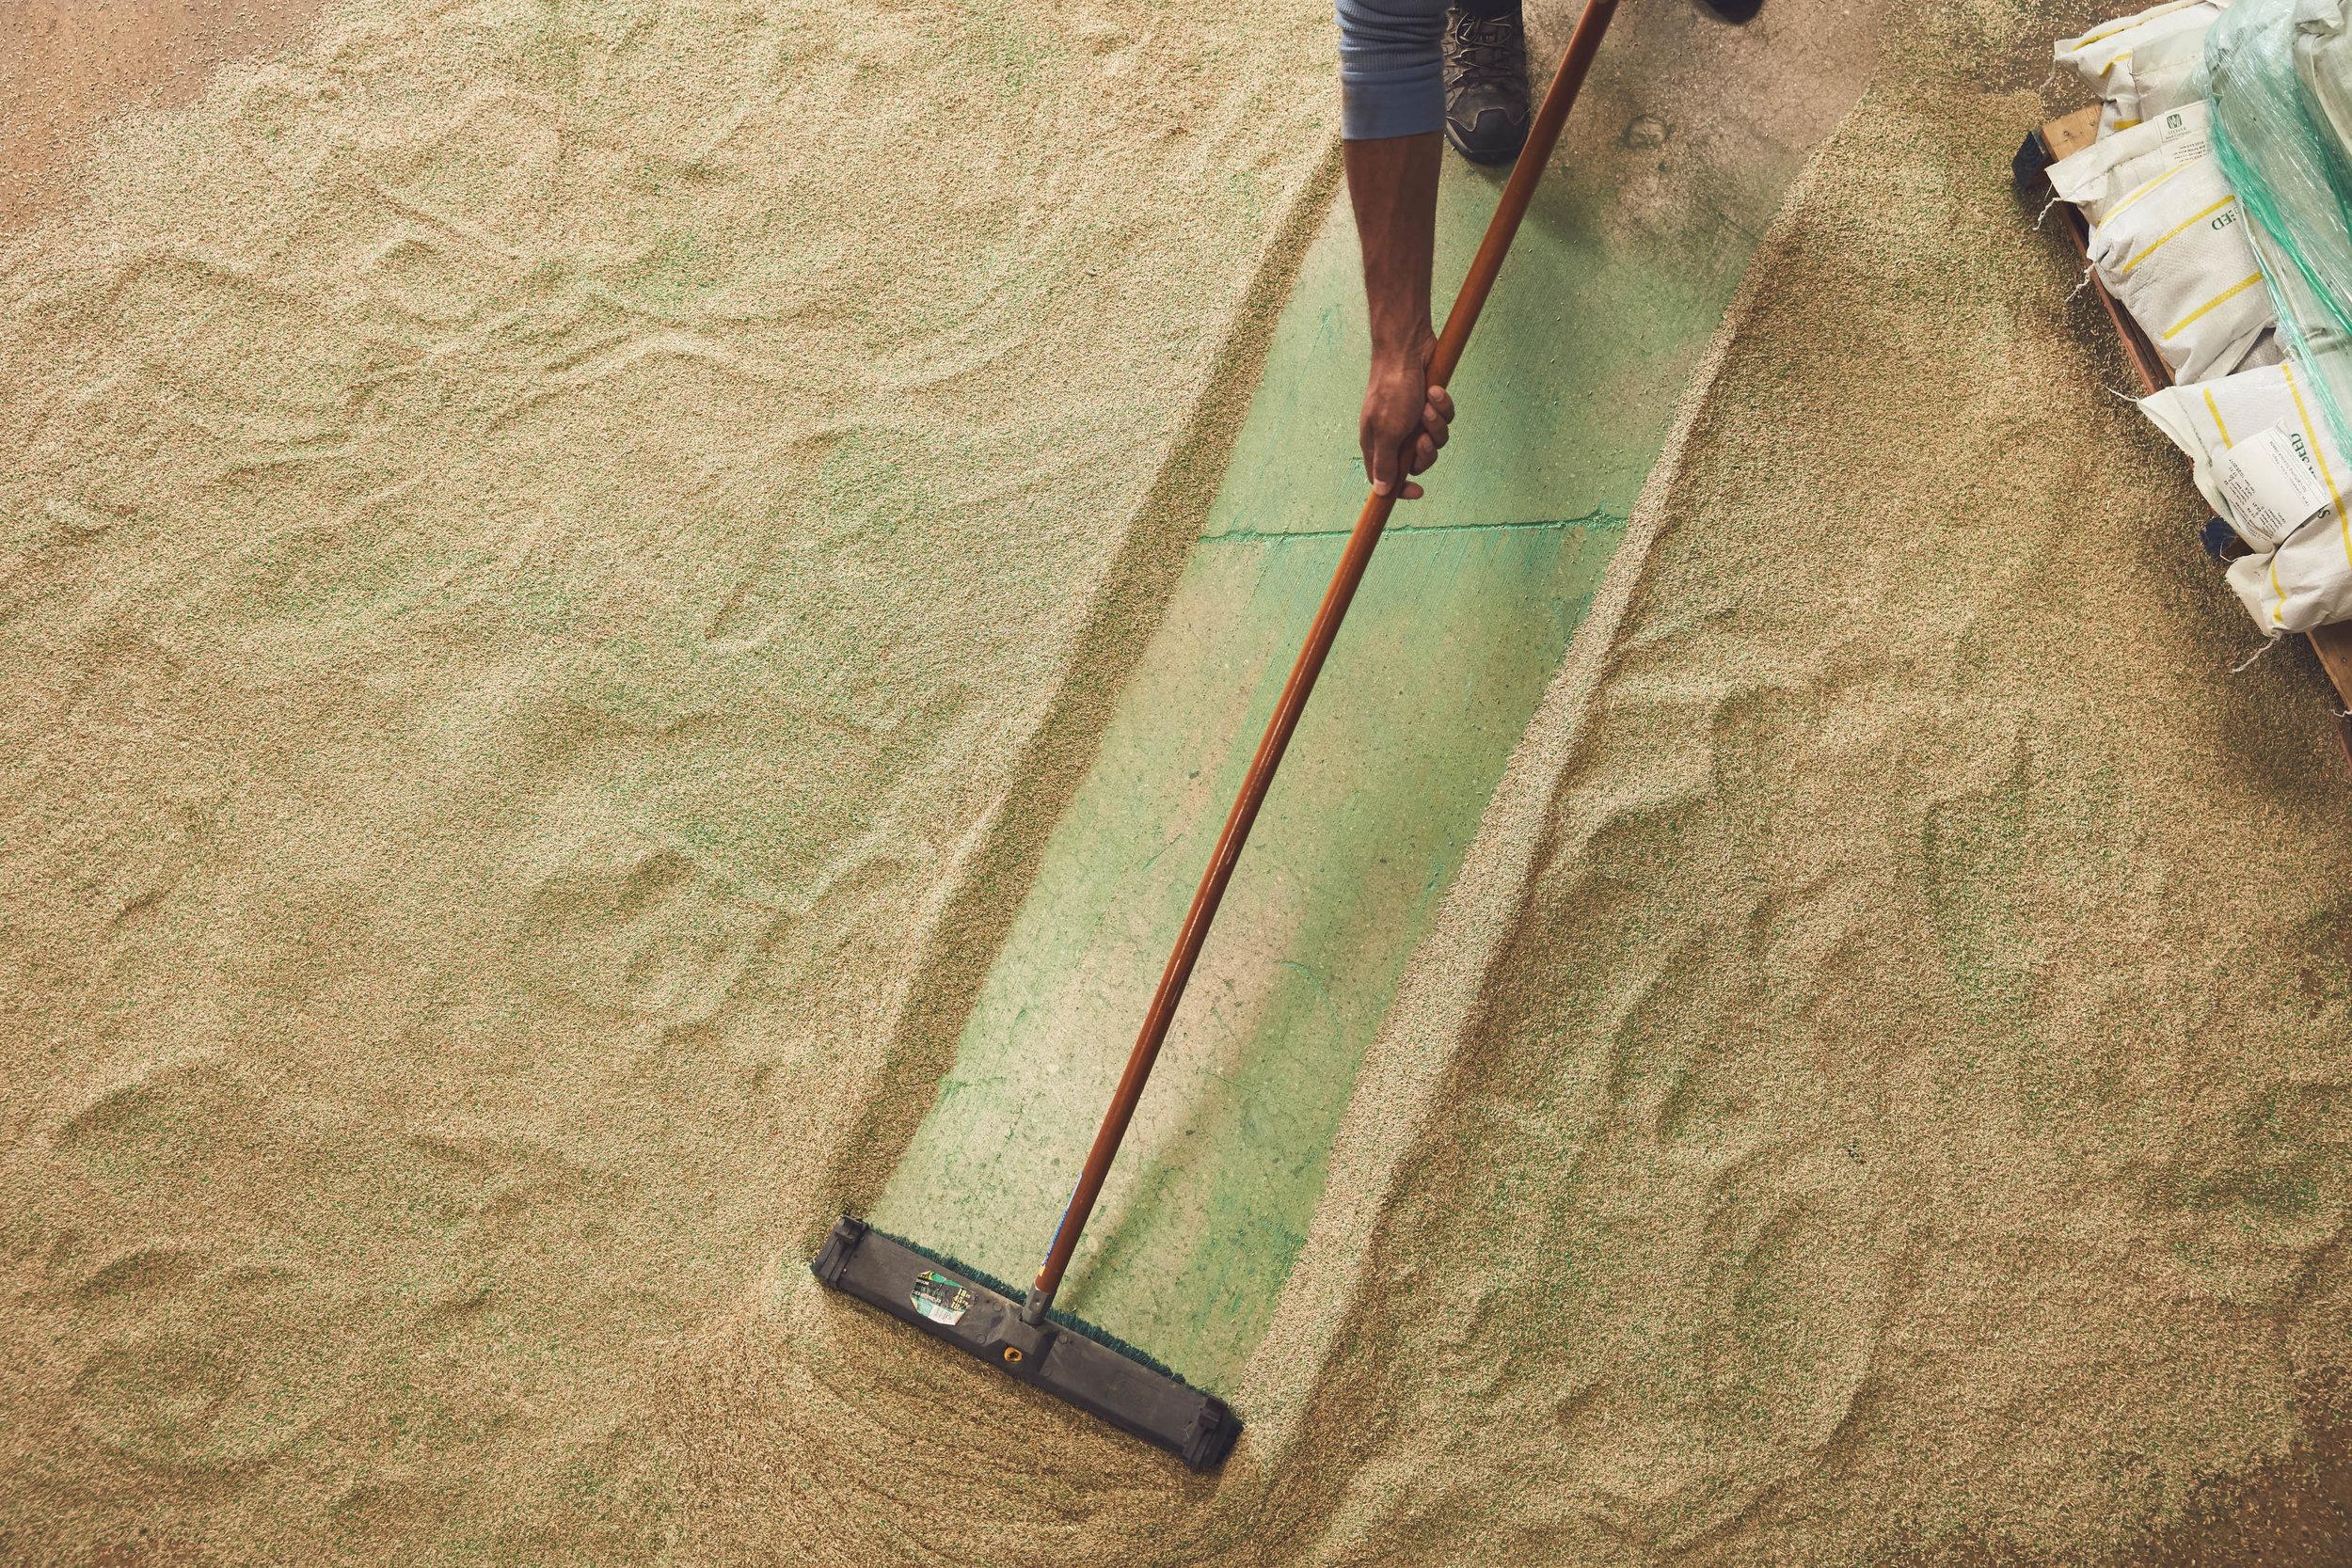 UF_Seed_Sweeping-0065.jpg